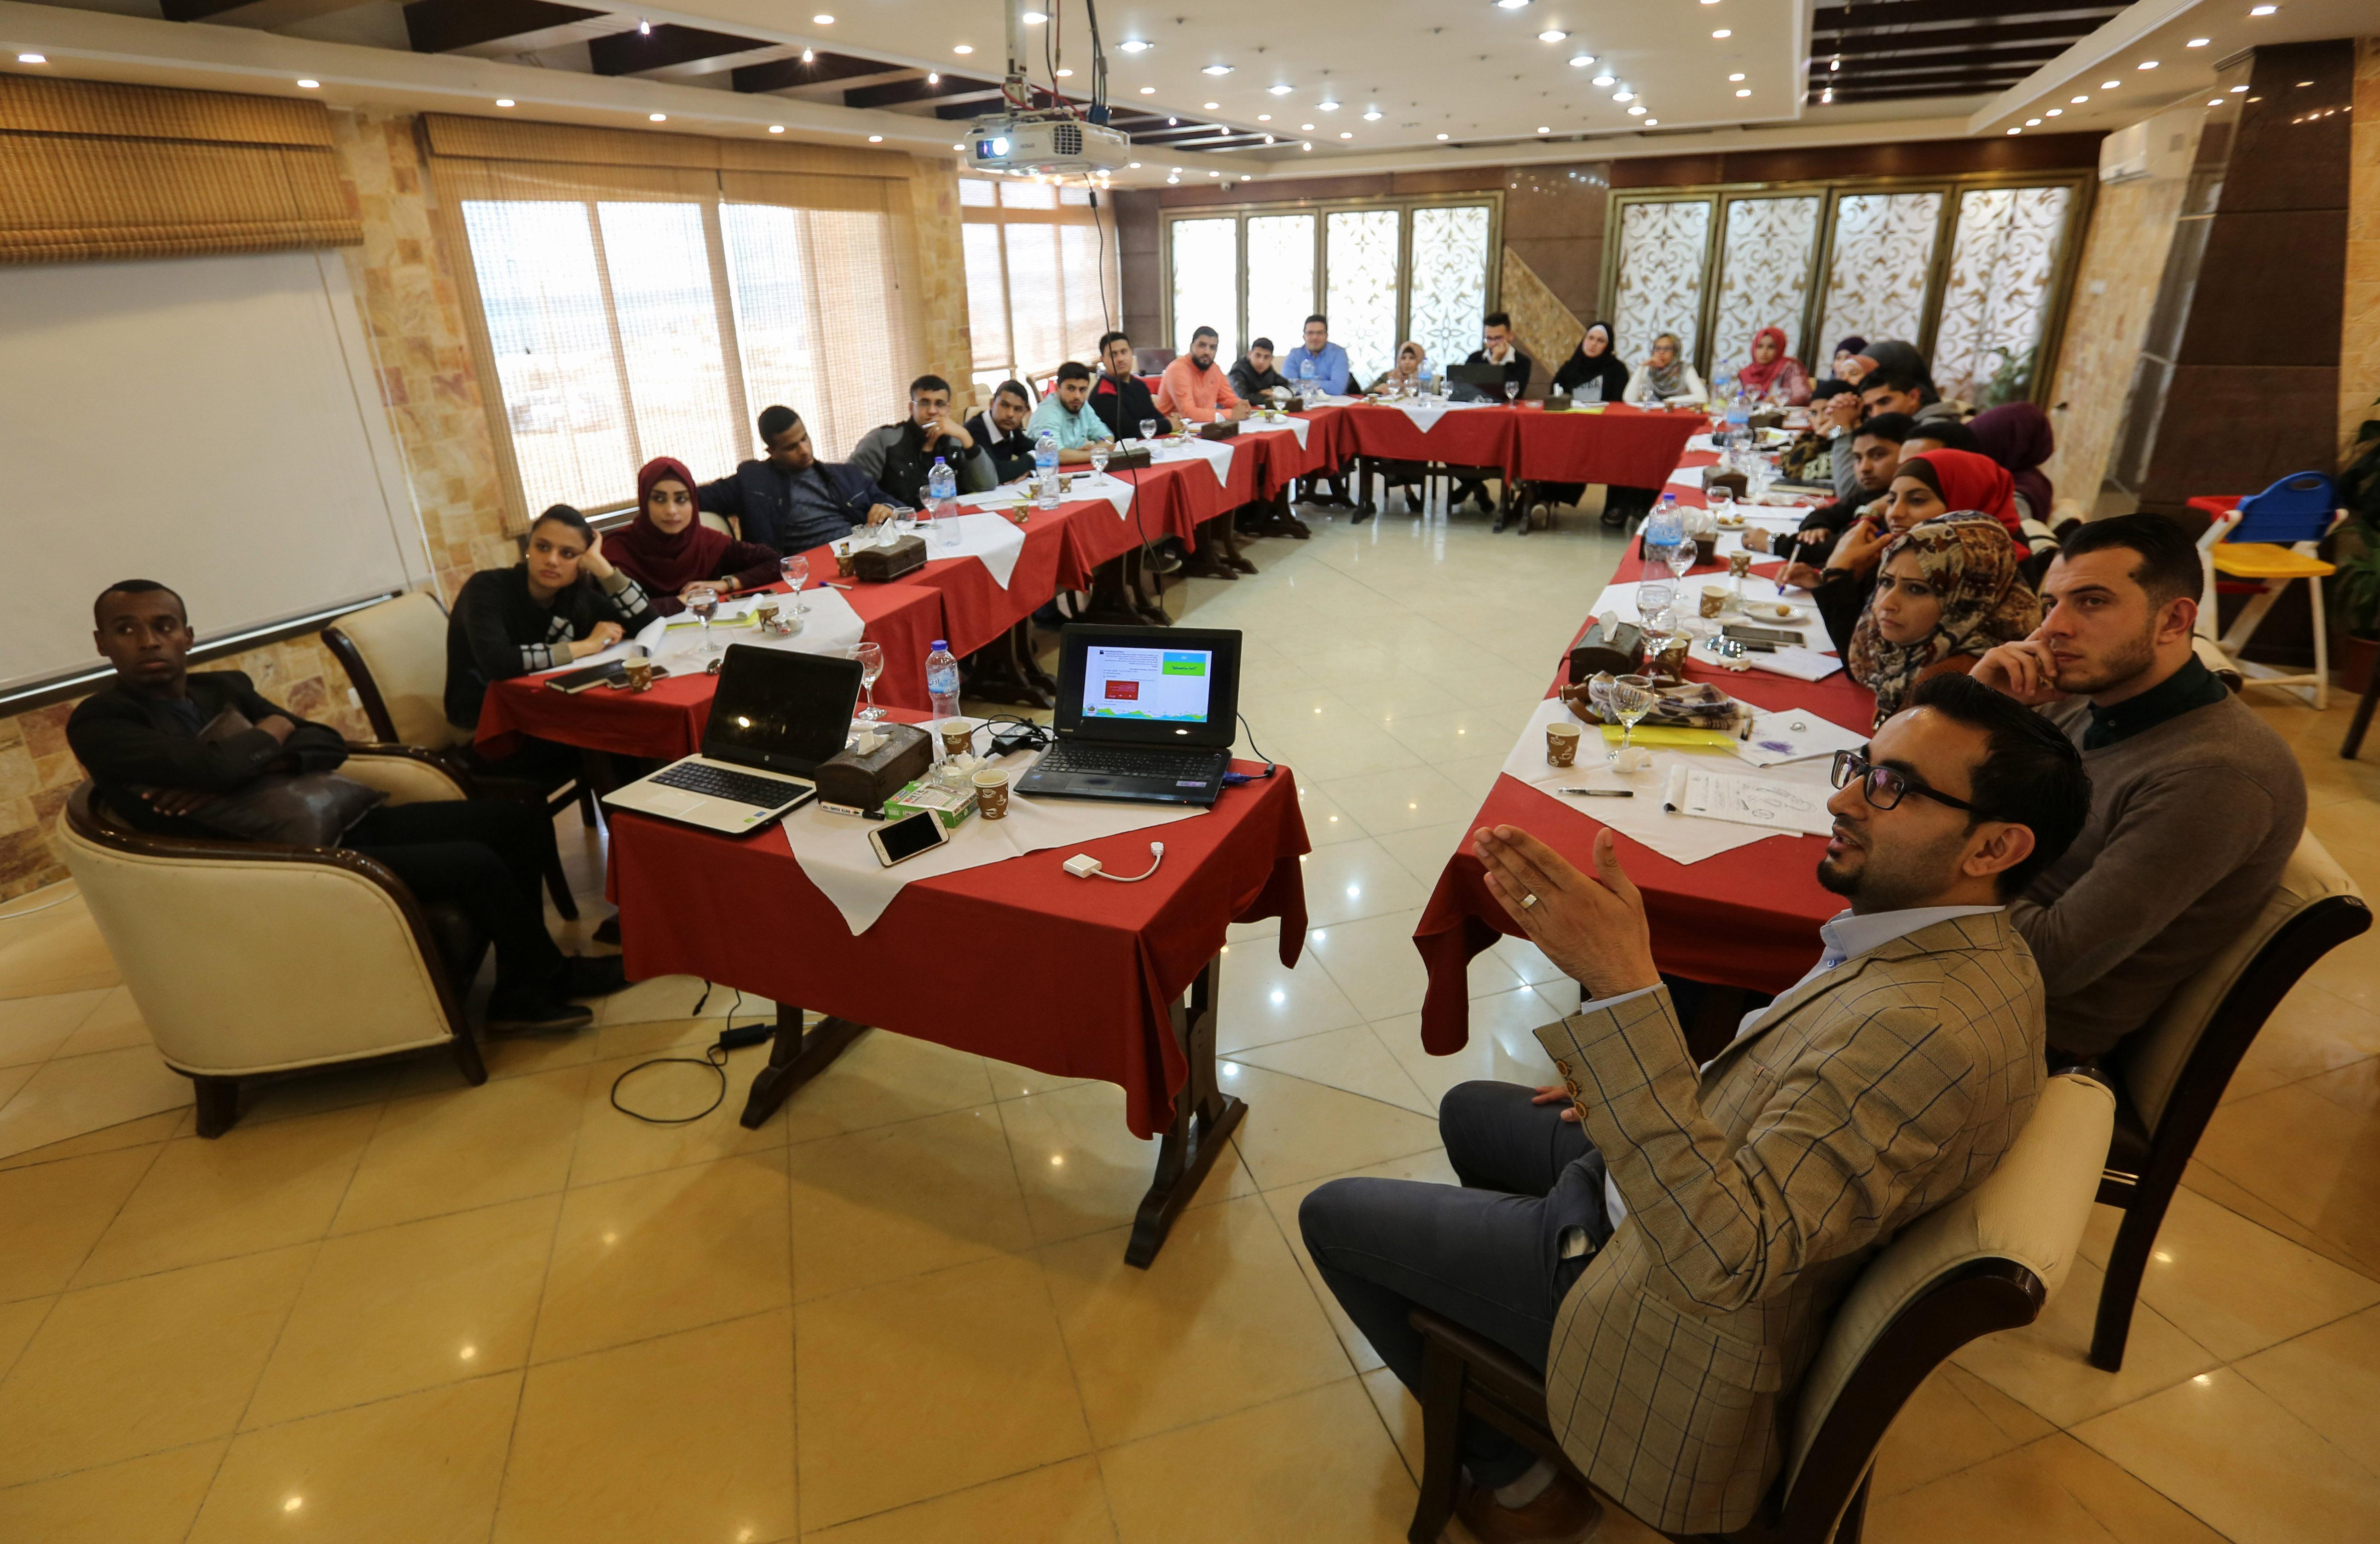 بيت الصحافة يختتم دورة تدريبية حول 'تعزيز الإعلام الموضوعي باستخدام وسائل التواصل الاجتماعي'